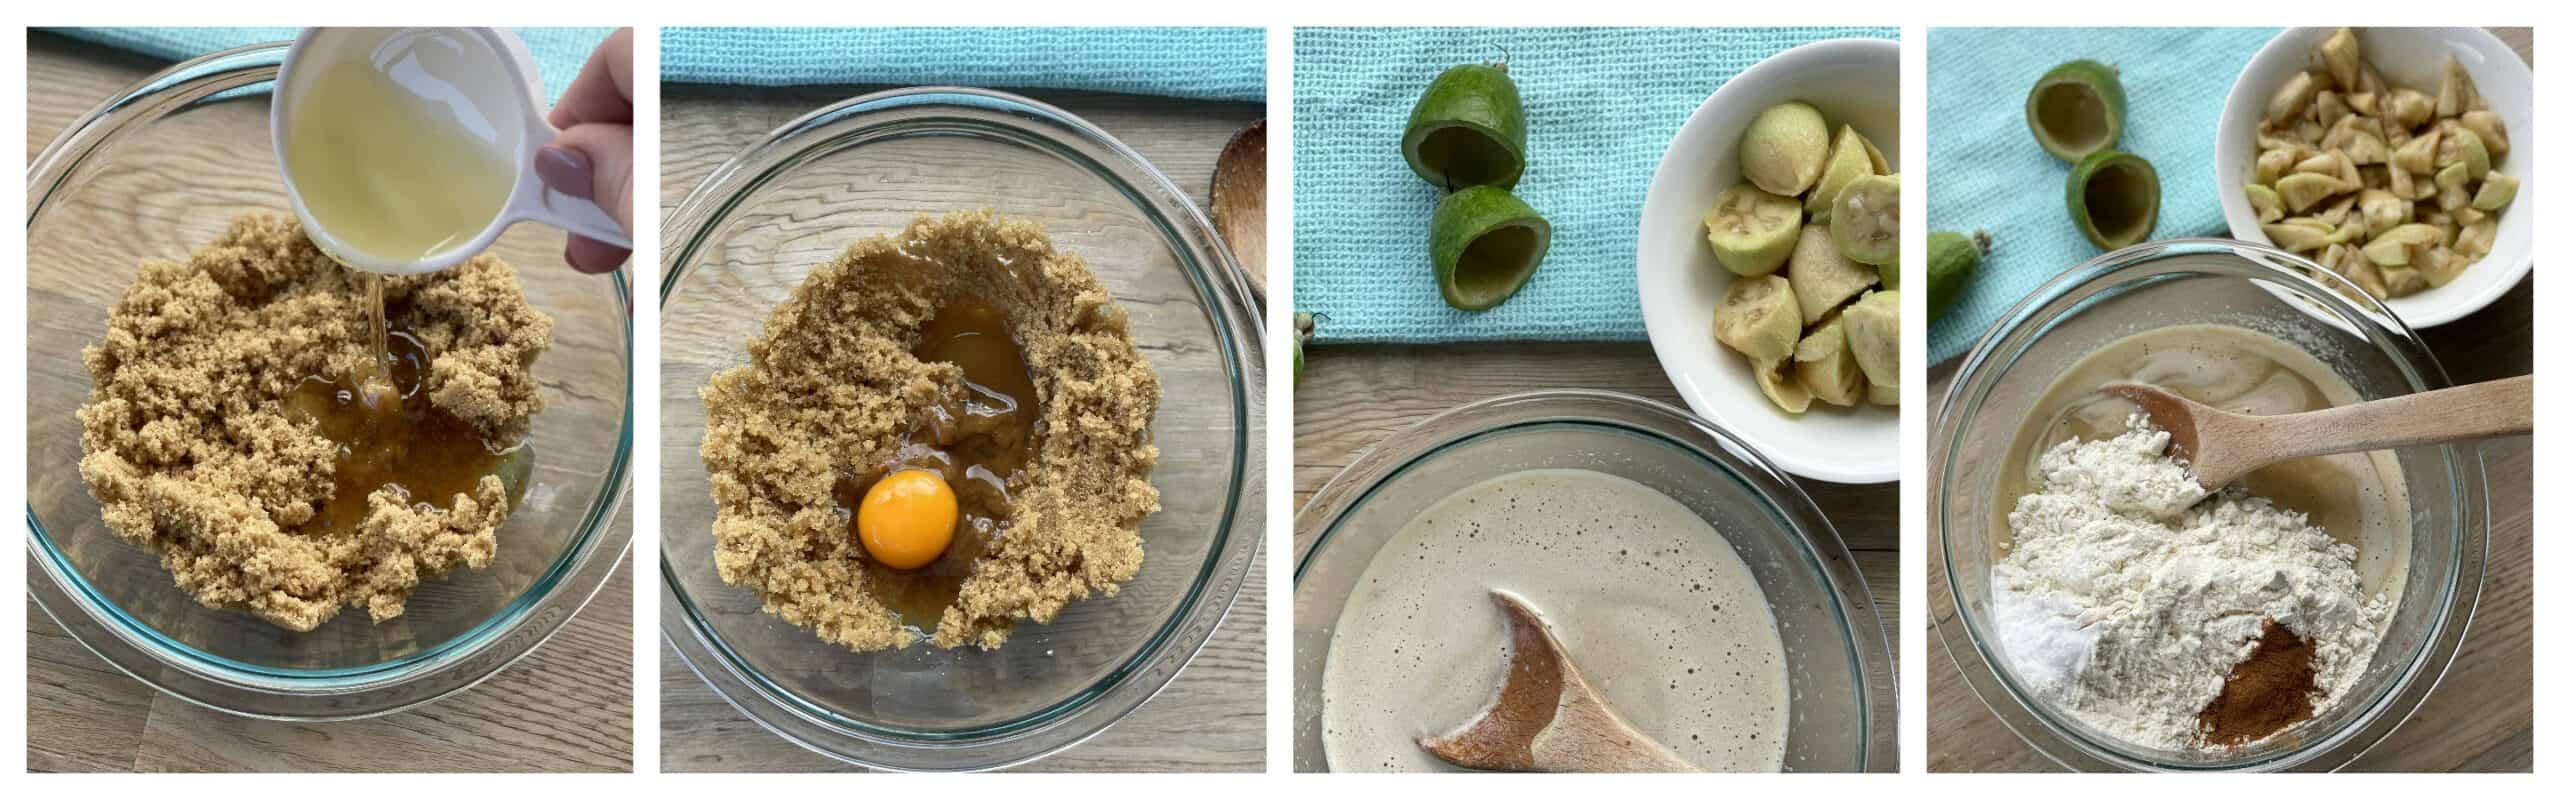 Method for making feijoa cake